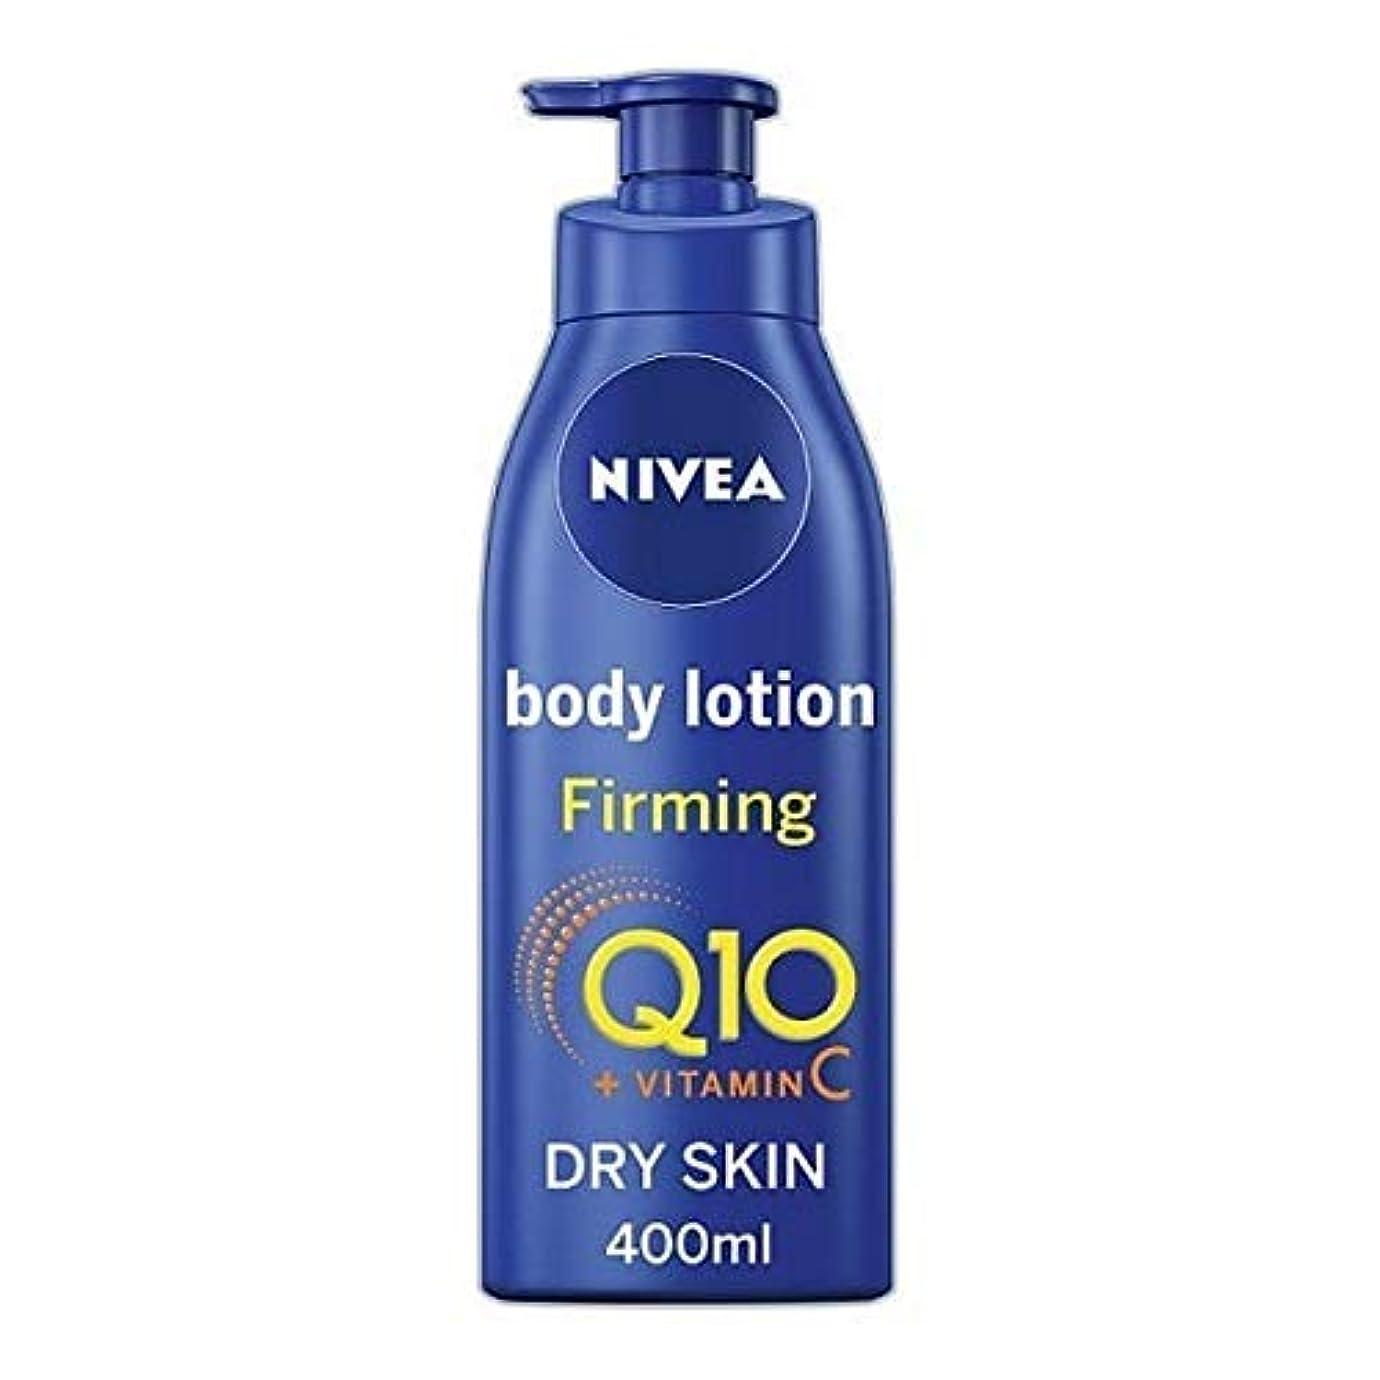 いいね処方するノーブル[Nivea ] 乾燥肌、400ミリリットルのためのニベアQ10ビタミンCファーミングボディローション - NIVEA Q10 Vitamin C Firming Body Lotion for Dry Skin, 400ml...